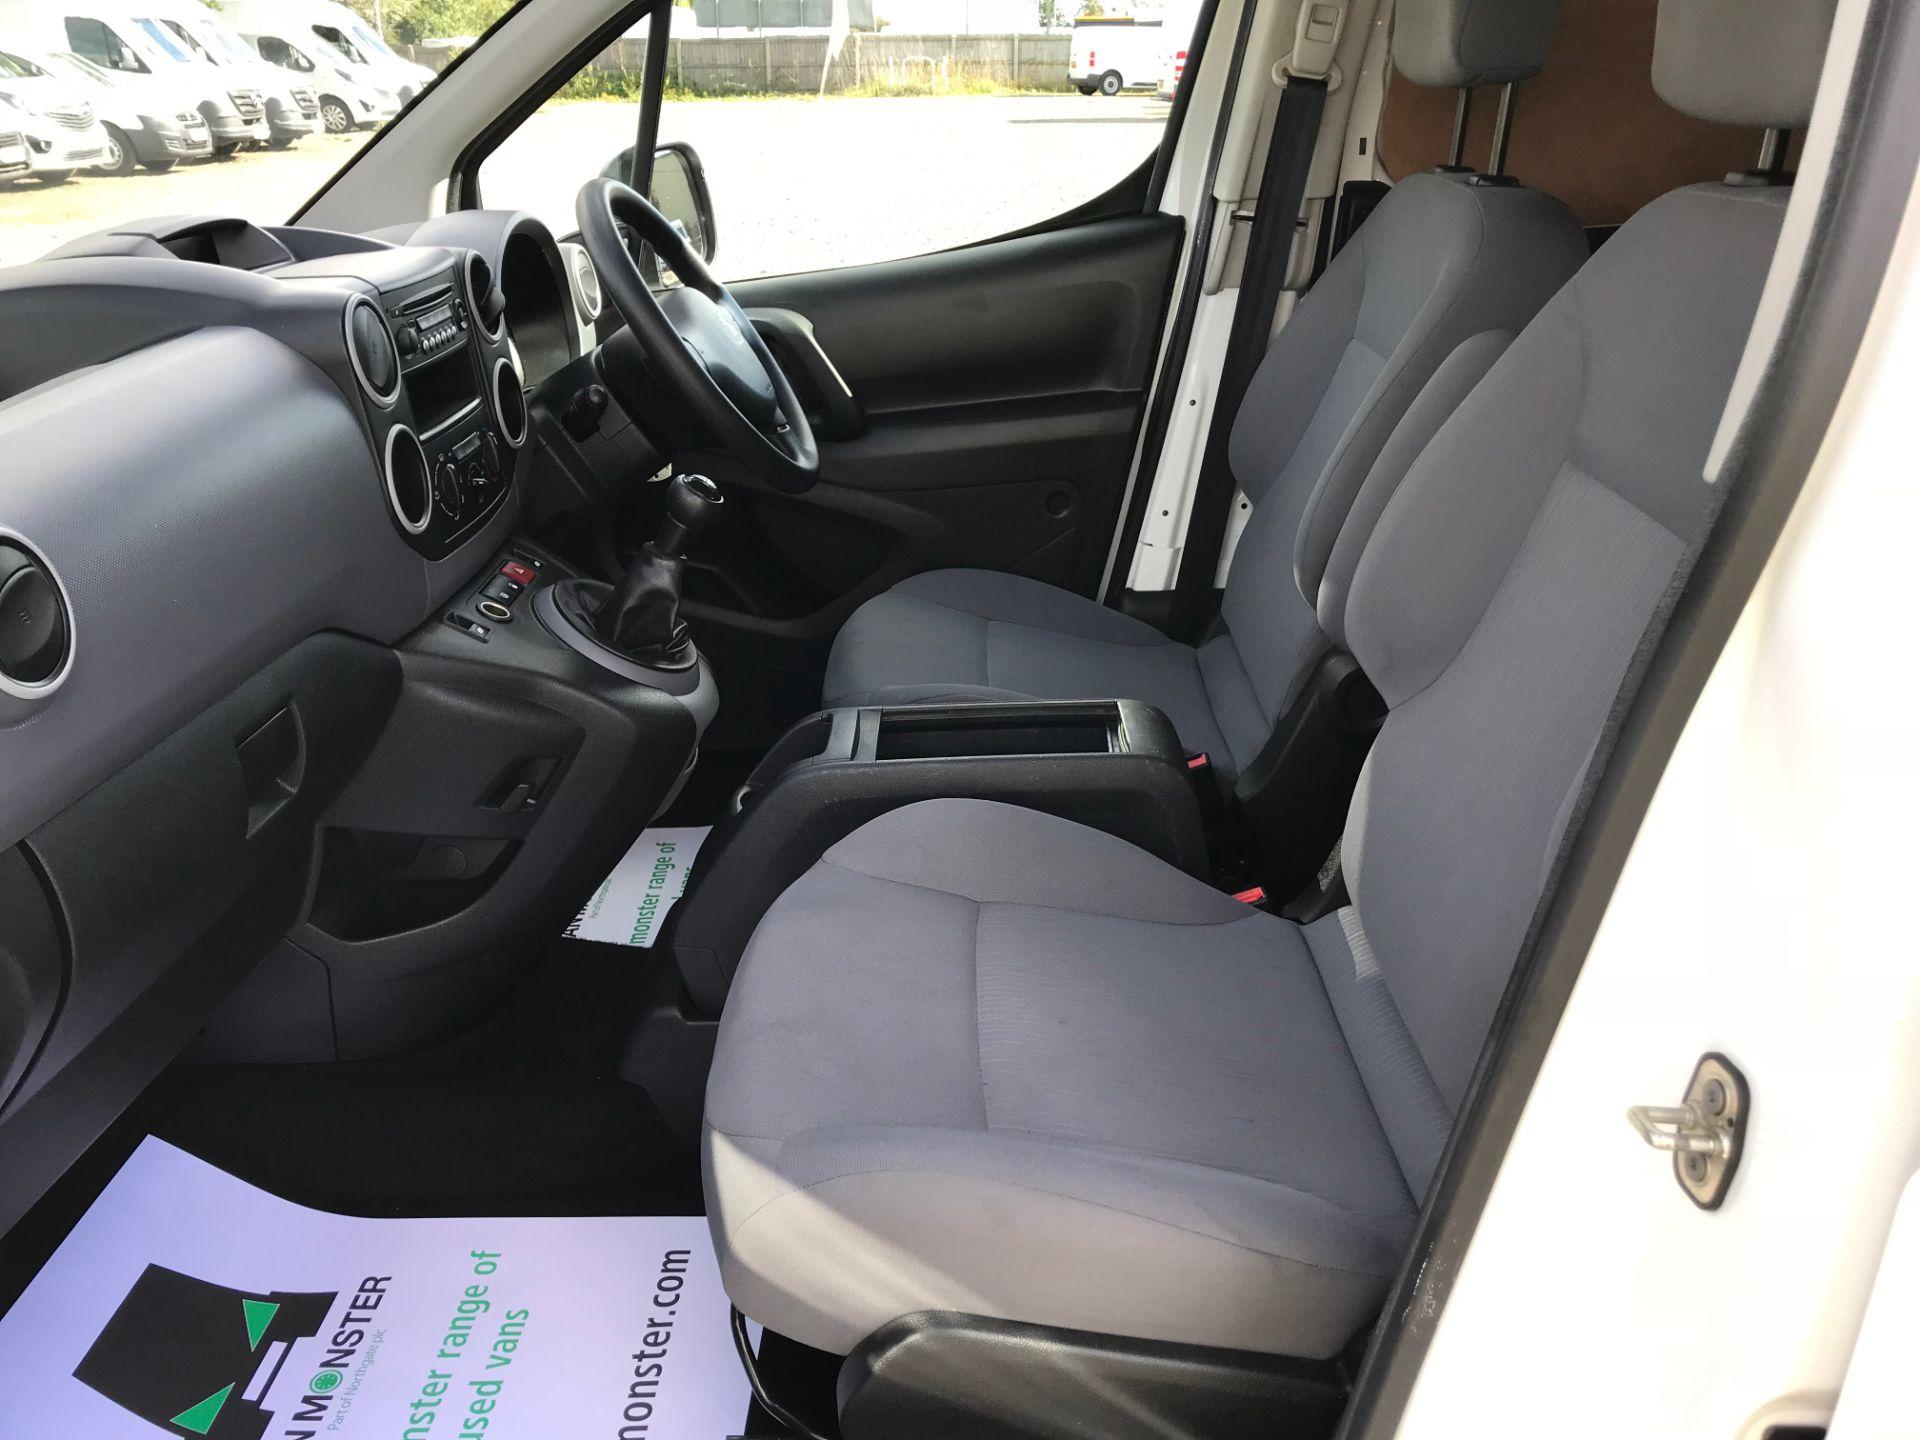 2015 Peugeot Partner 716 S 1.6 Hdi 92 Crew Van Euro 5 (NU15RWJ) Image 16